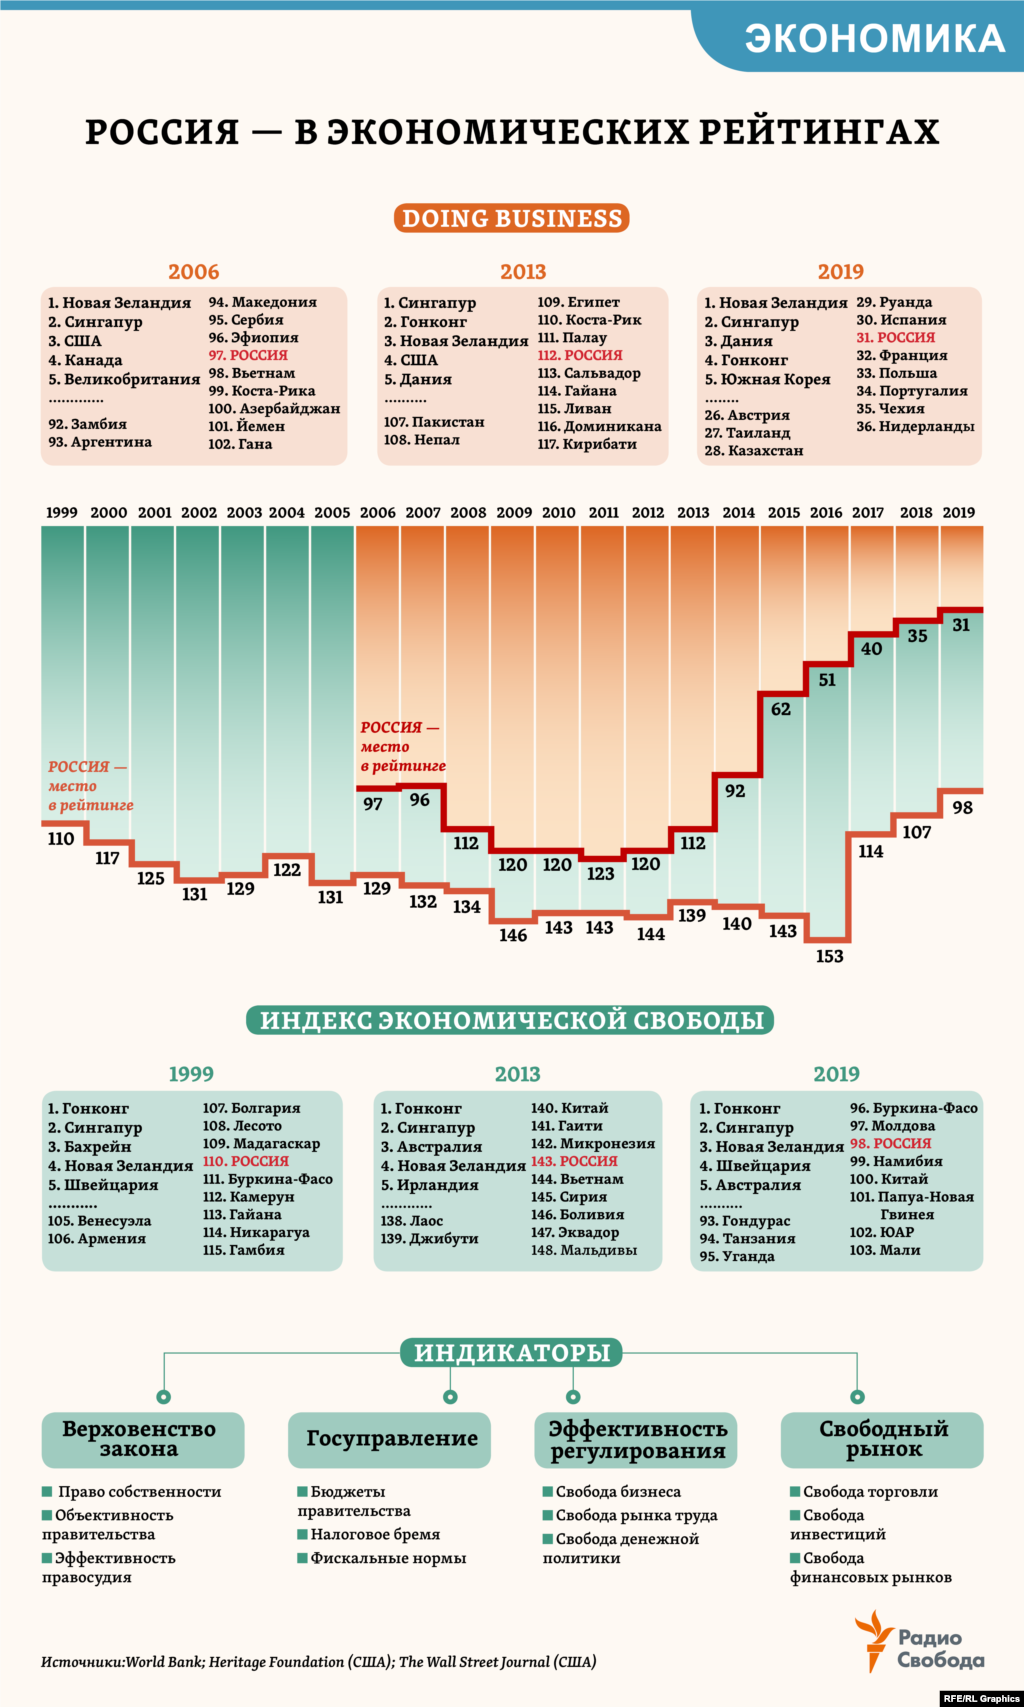 """13 лет назад Всемирный банк представил первый сводный мировой рейтинг Doing Business (по простоте нормативных процедур для ведения бизнеса в 1–2 крупнейших городах страны) – тогда Россия получила в нем 97-е место. В текущем рейтинге – уже 31-е место, опередив и ряд стран Западной Европы. При этом в рейтинге по """"Индексу экономической свободы"""", одному из старейших и гораздо более широкому по охвату параметров экономики, Россия только сейчас впервые оказалась в числе первых 100 стран мира."""